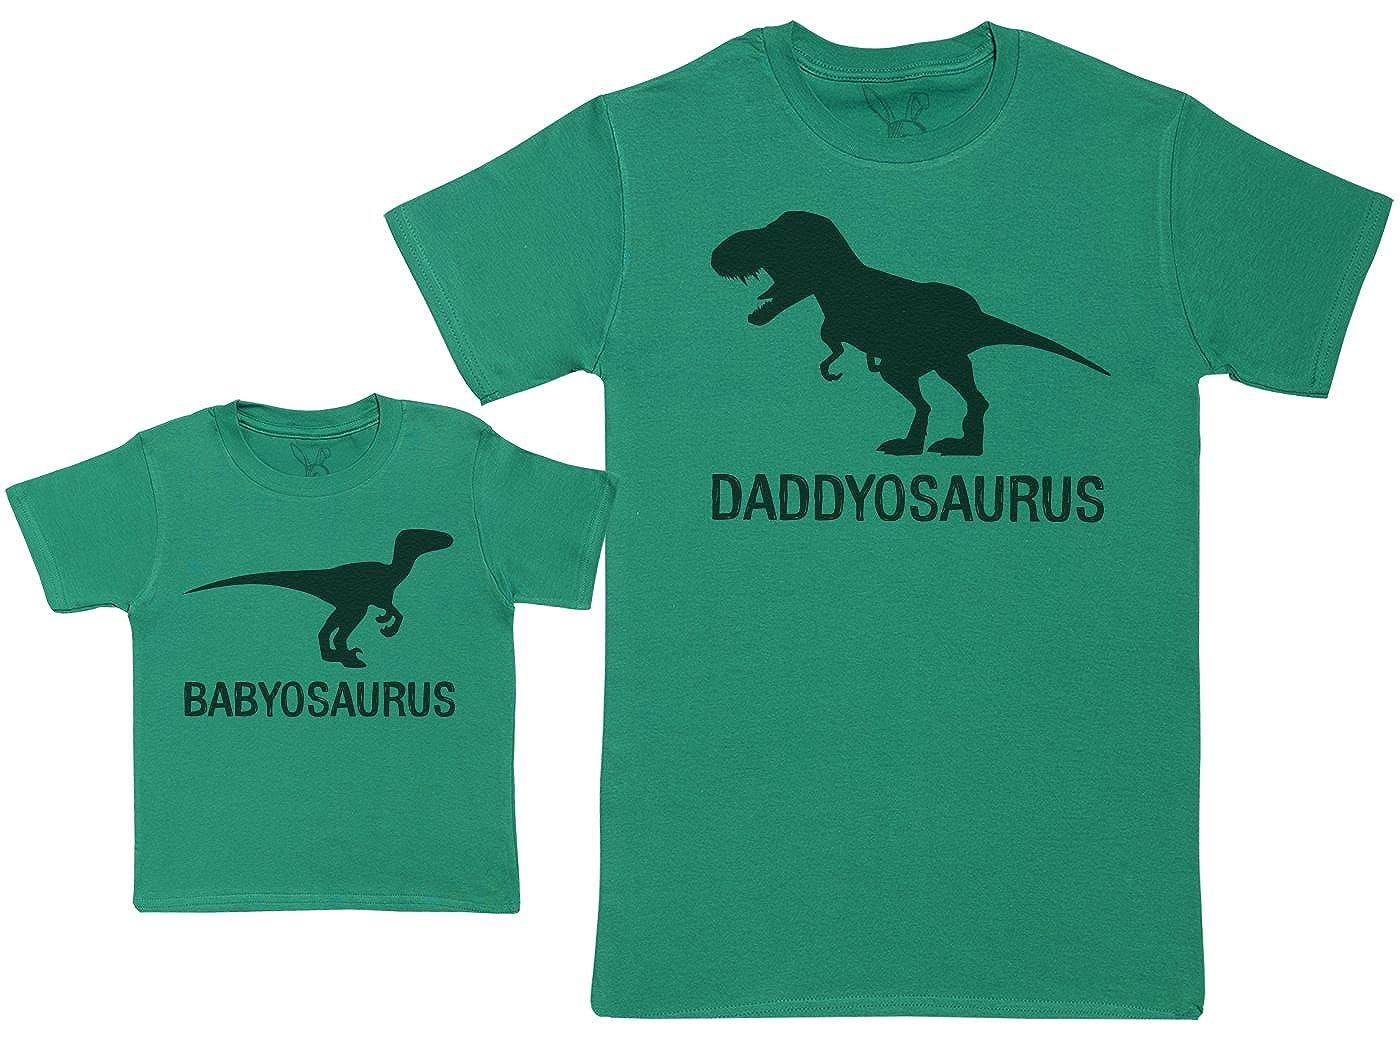 Regalo para Padres y beb/és en un Camiseta para beb/és y una Camiseta de Hombre a Juego Babyosaurus with Daddyosaurus